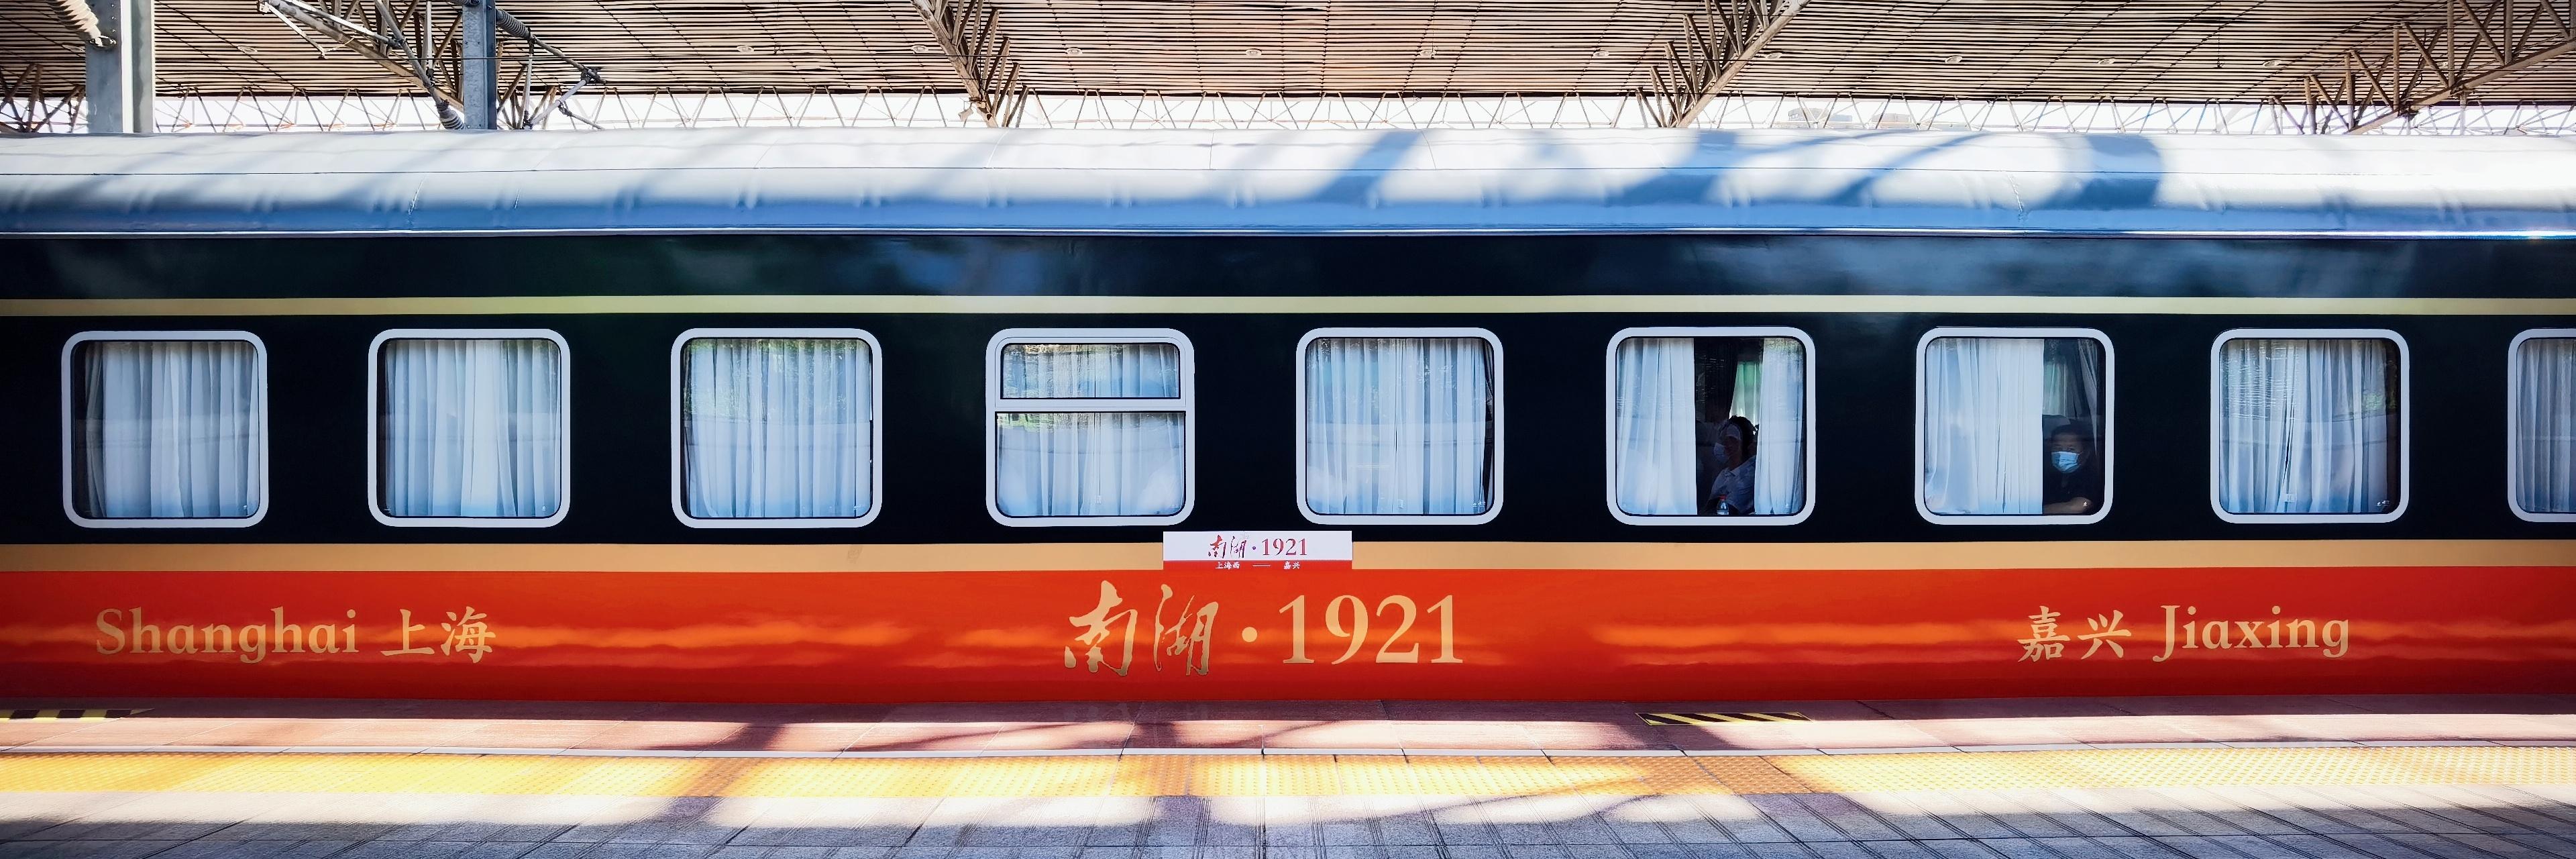 坐着火车去旅行丨从上海到嘉兴,重走一大路,附2天1夜实战攻略